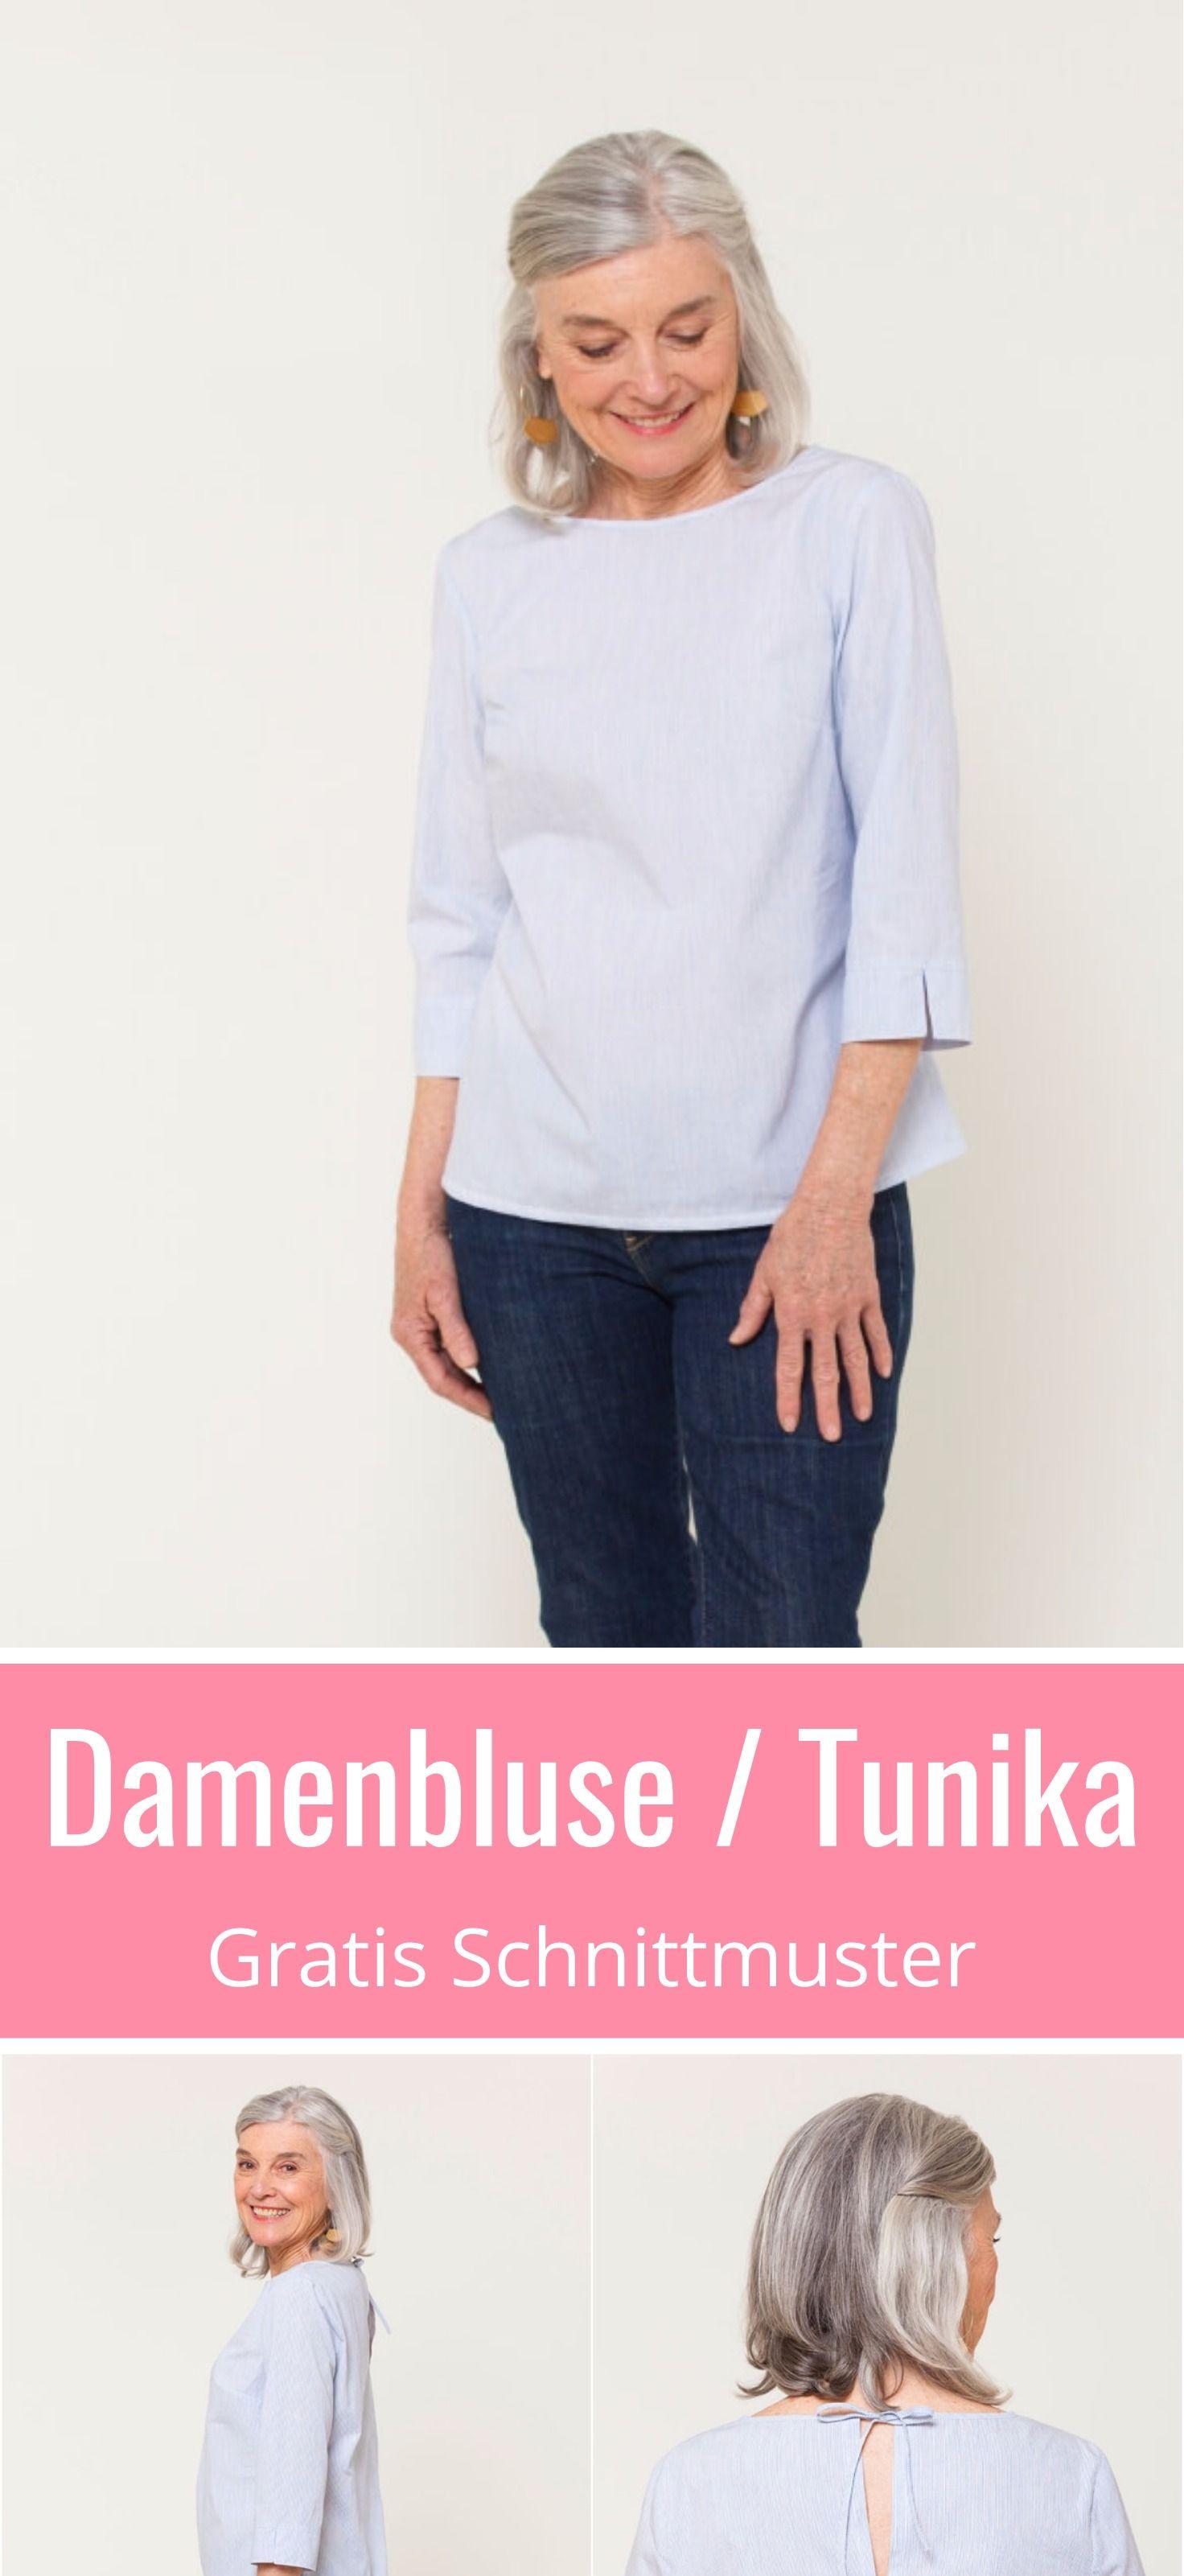 Gratis Schnittmuster für eine hübsche Damenbluse oder Tunika.Viele schöne Details. Grösse XS - XXL. Mit ausführliche Anleitung zum Nähen. in XS - XXL. ✂ Nähtalente.de - Magazin für Hobbyschneider ✂ Free Sewing Pattern for a woman blouse or tunic in size XS - XL. Many lovely details and a great sewing tutorial. ✂ #nähen#freebook#schnittmuster#gratis#nähenmachtglücklich#freesewingpattern#handmade#diy